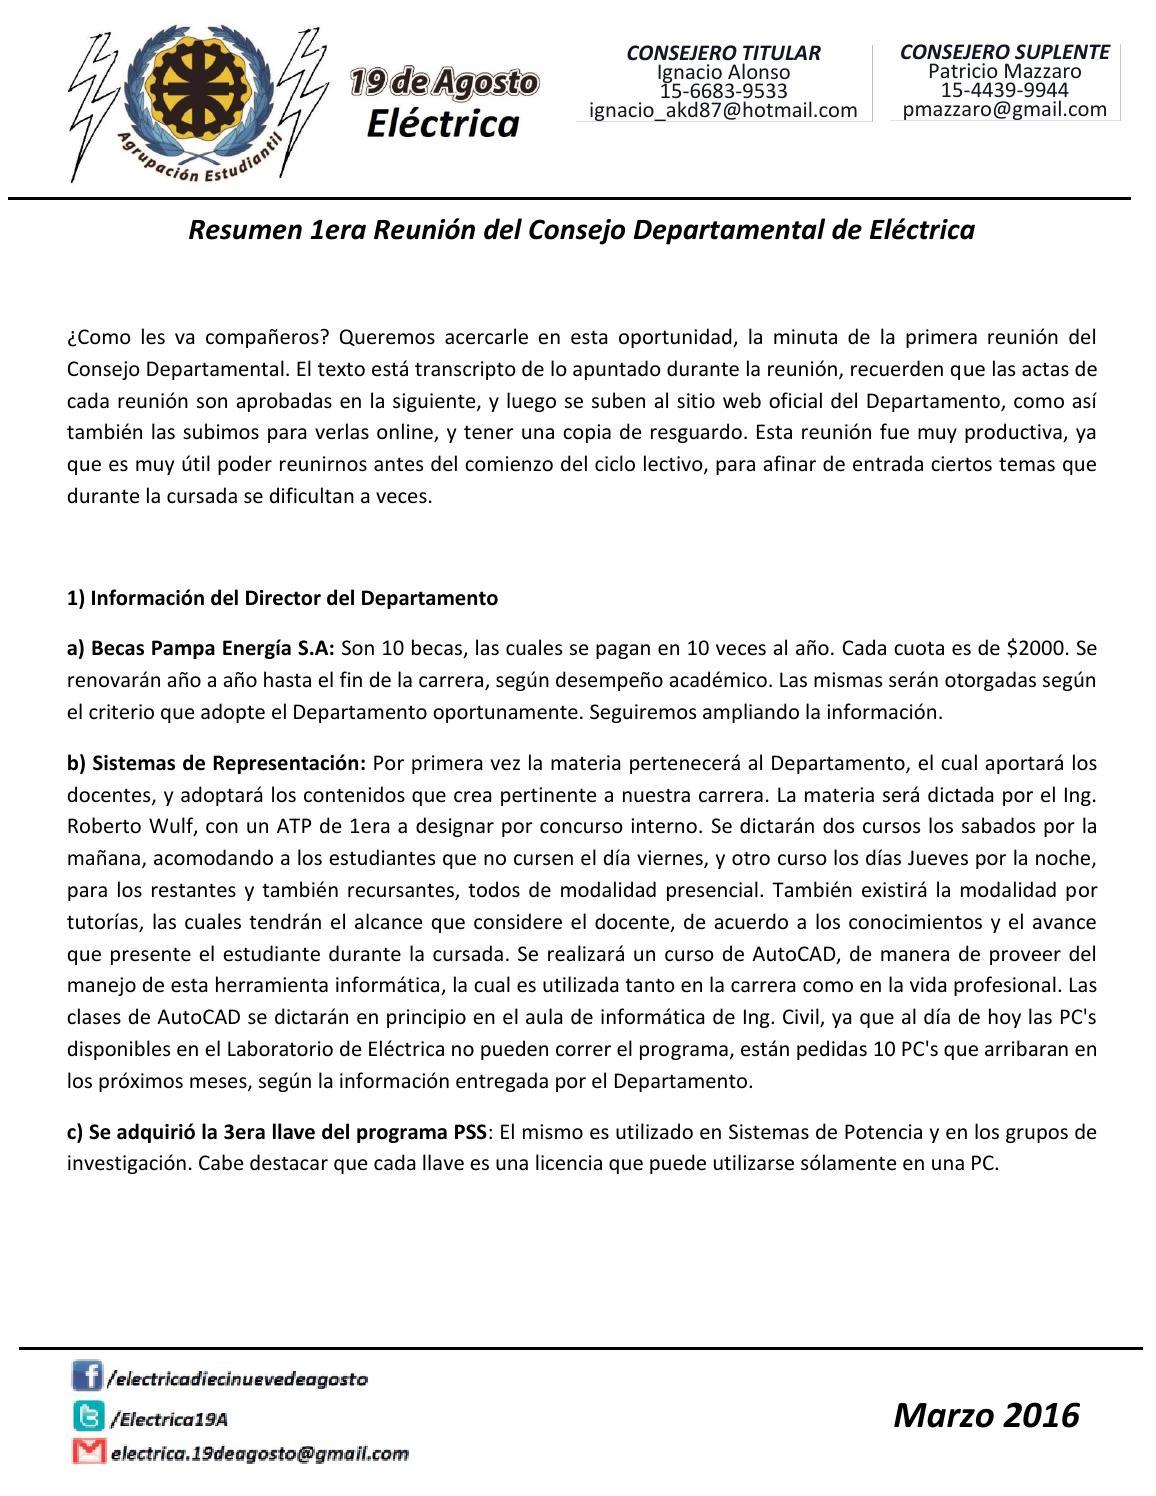 Resumen 1era reunión by Electrica Diecinueve de Agosto - issuu